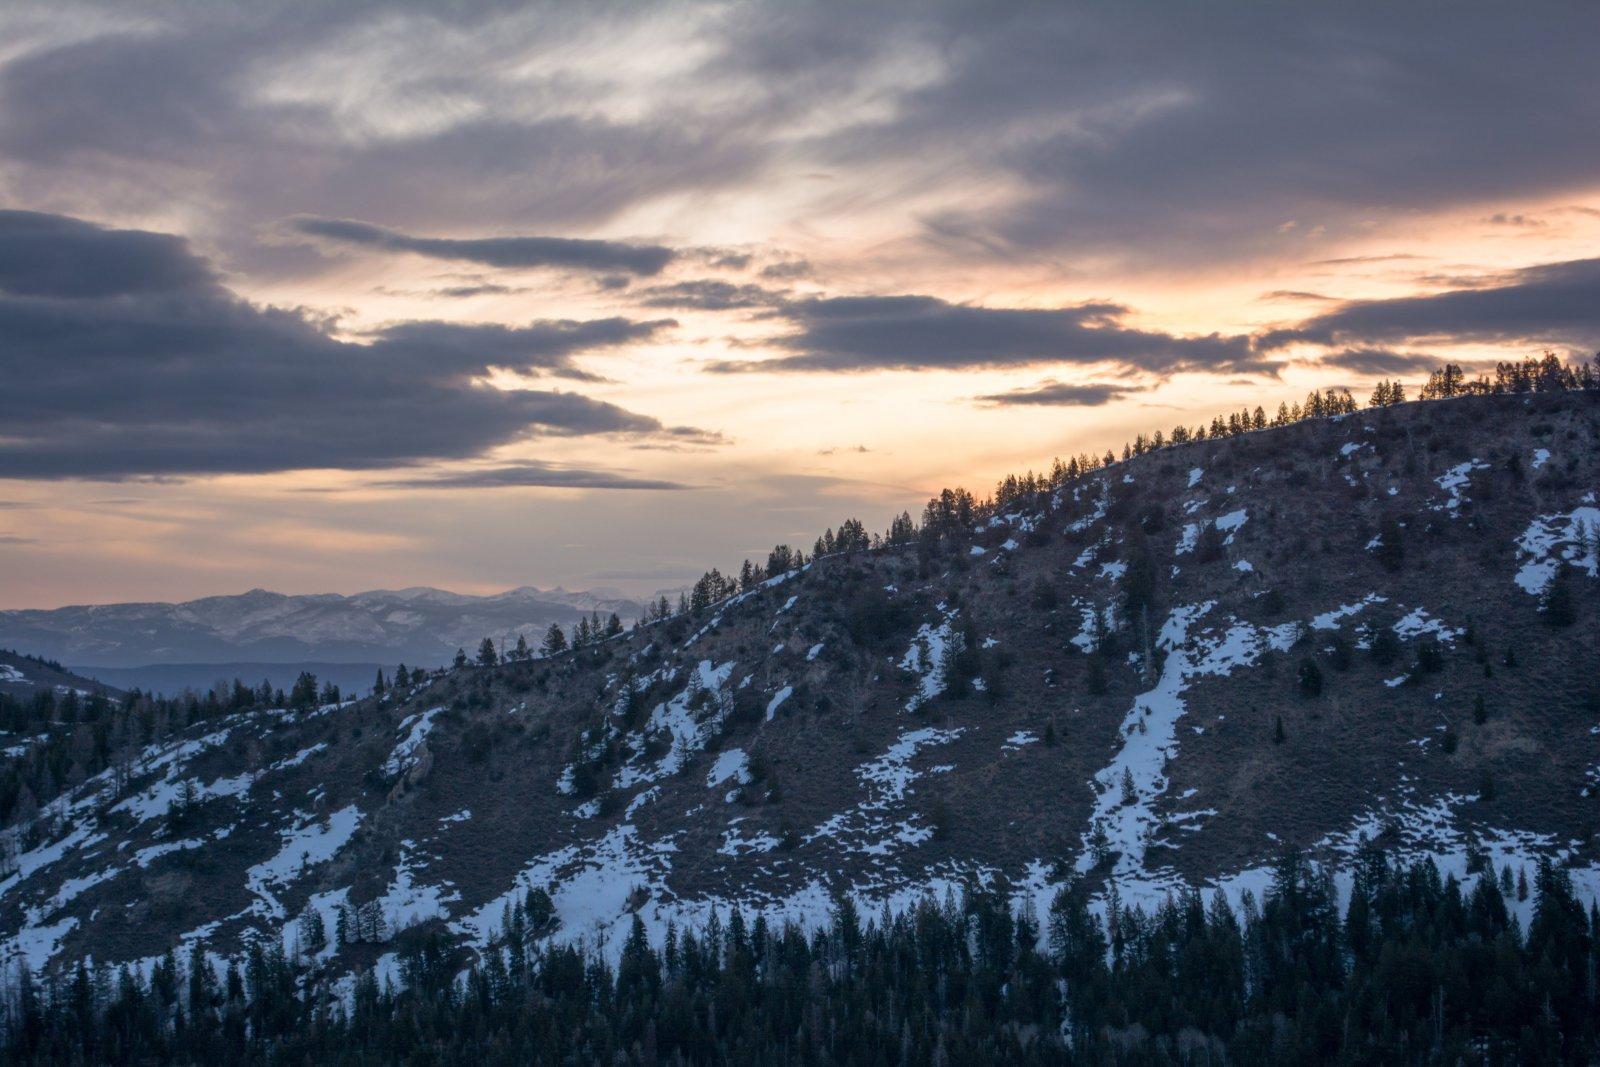 Timp Ridge Trail 4-20200170.jpg